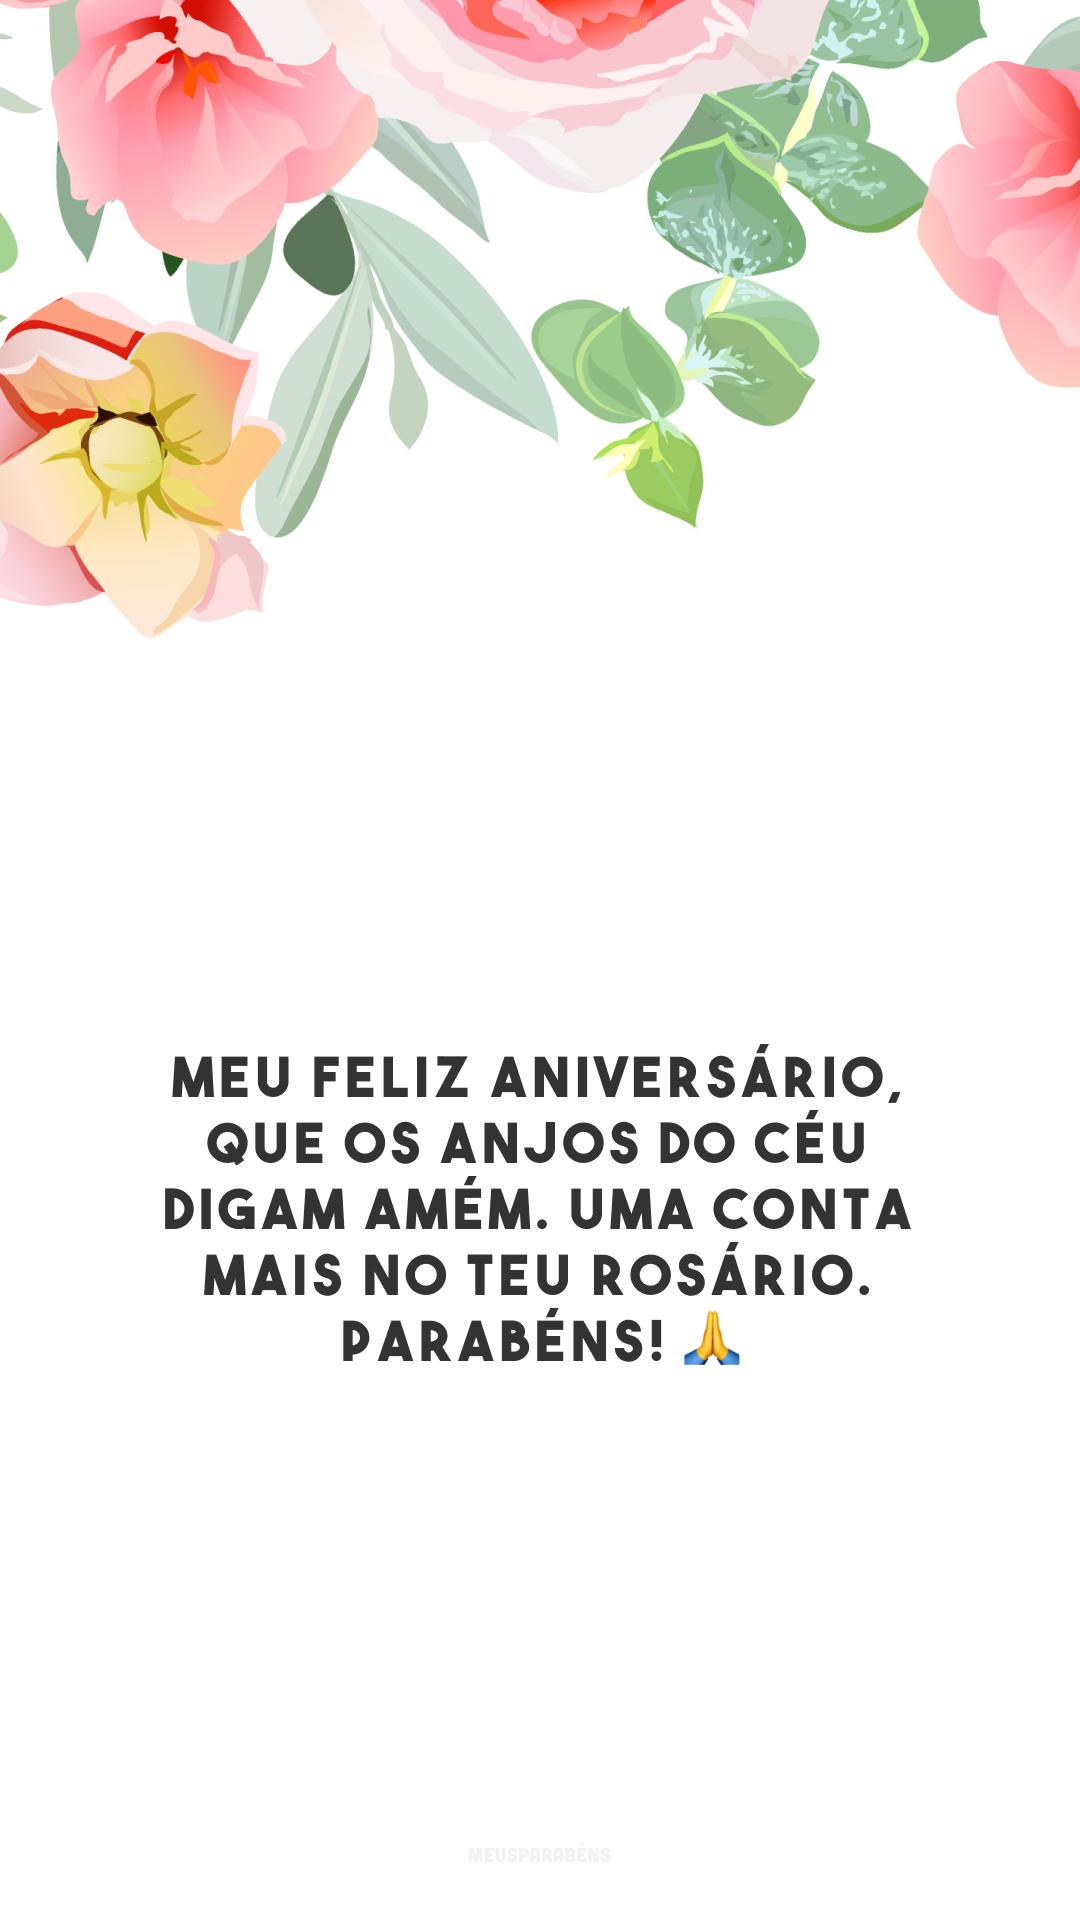 Meu feliz aniversário, que os anjos do céu digam amém. Uma conta mais no teu rosário. Parabéns! 🙏